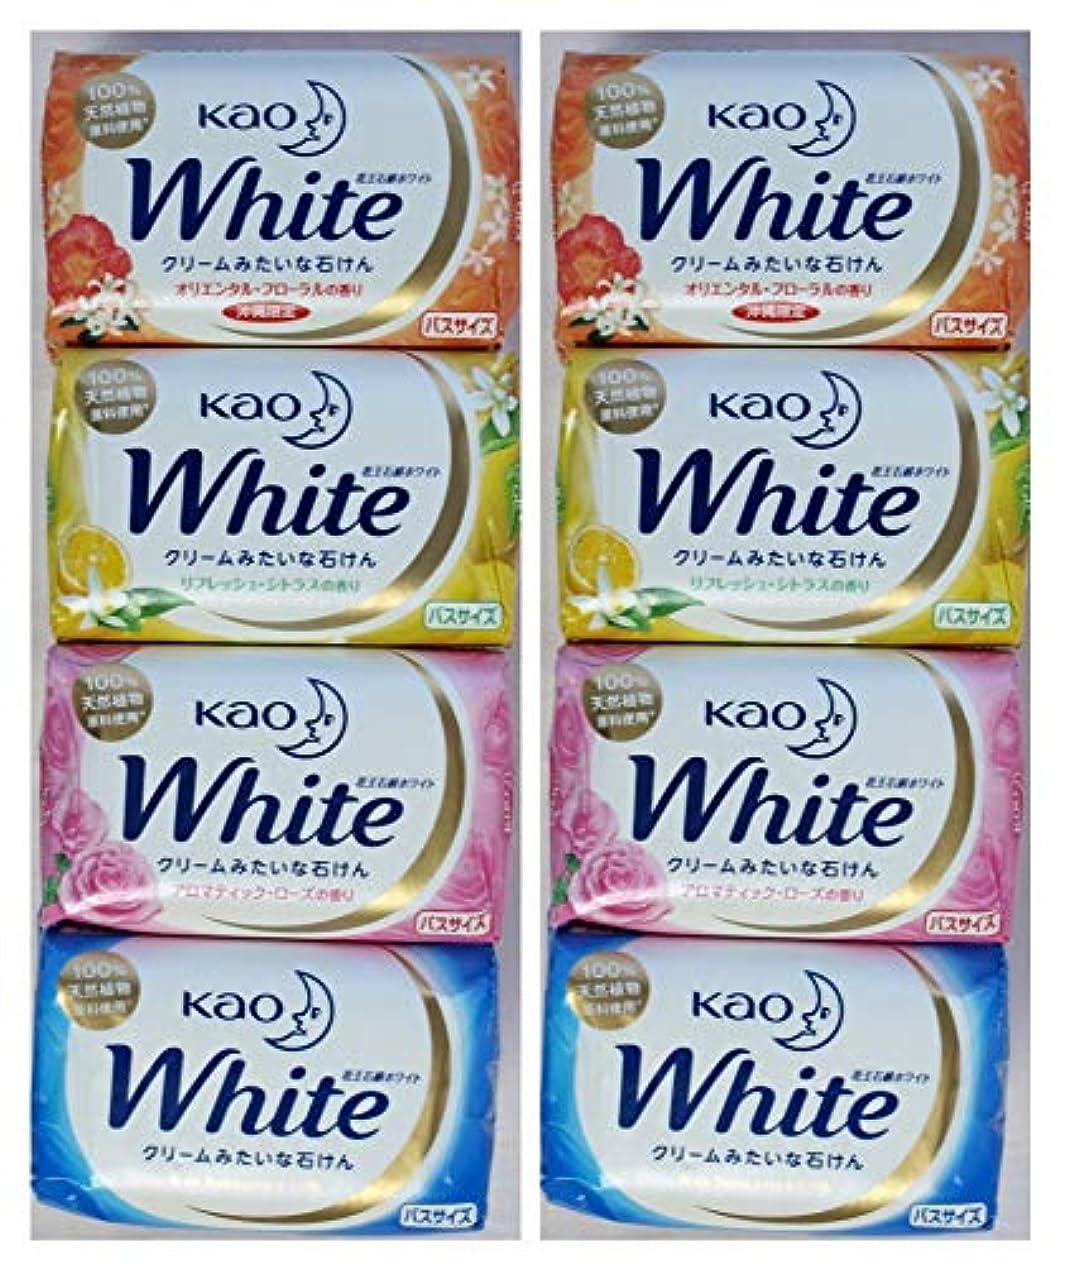 サスティーン有料質素な561988-8P 花王 Kao 石けんホワイト 4つの香り(オリエンタルフローラル/ホワイトフローラル/アロマティックローズ/リフレッシュシトラスの4種) 130g×4種×2set 計8個